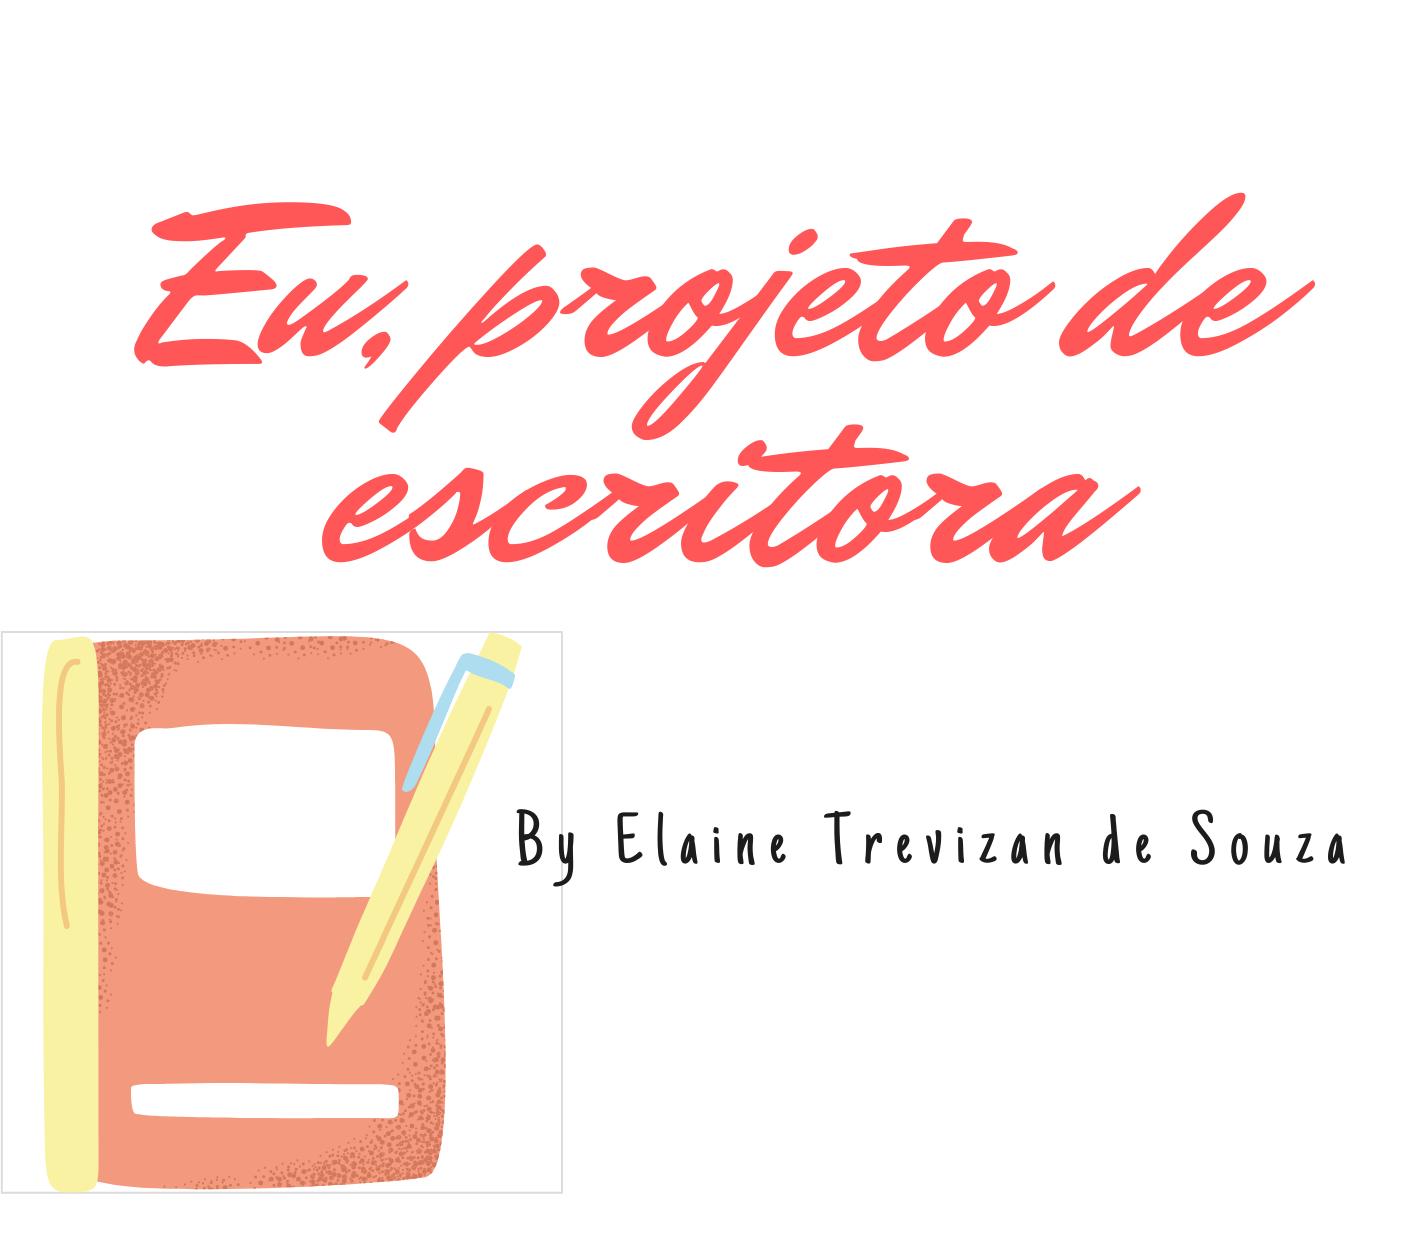 Eu, projeto de escritora